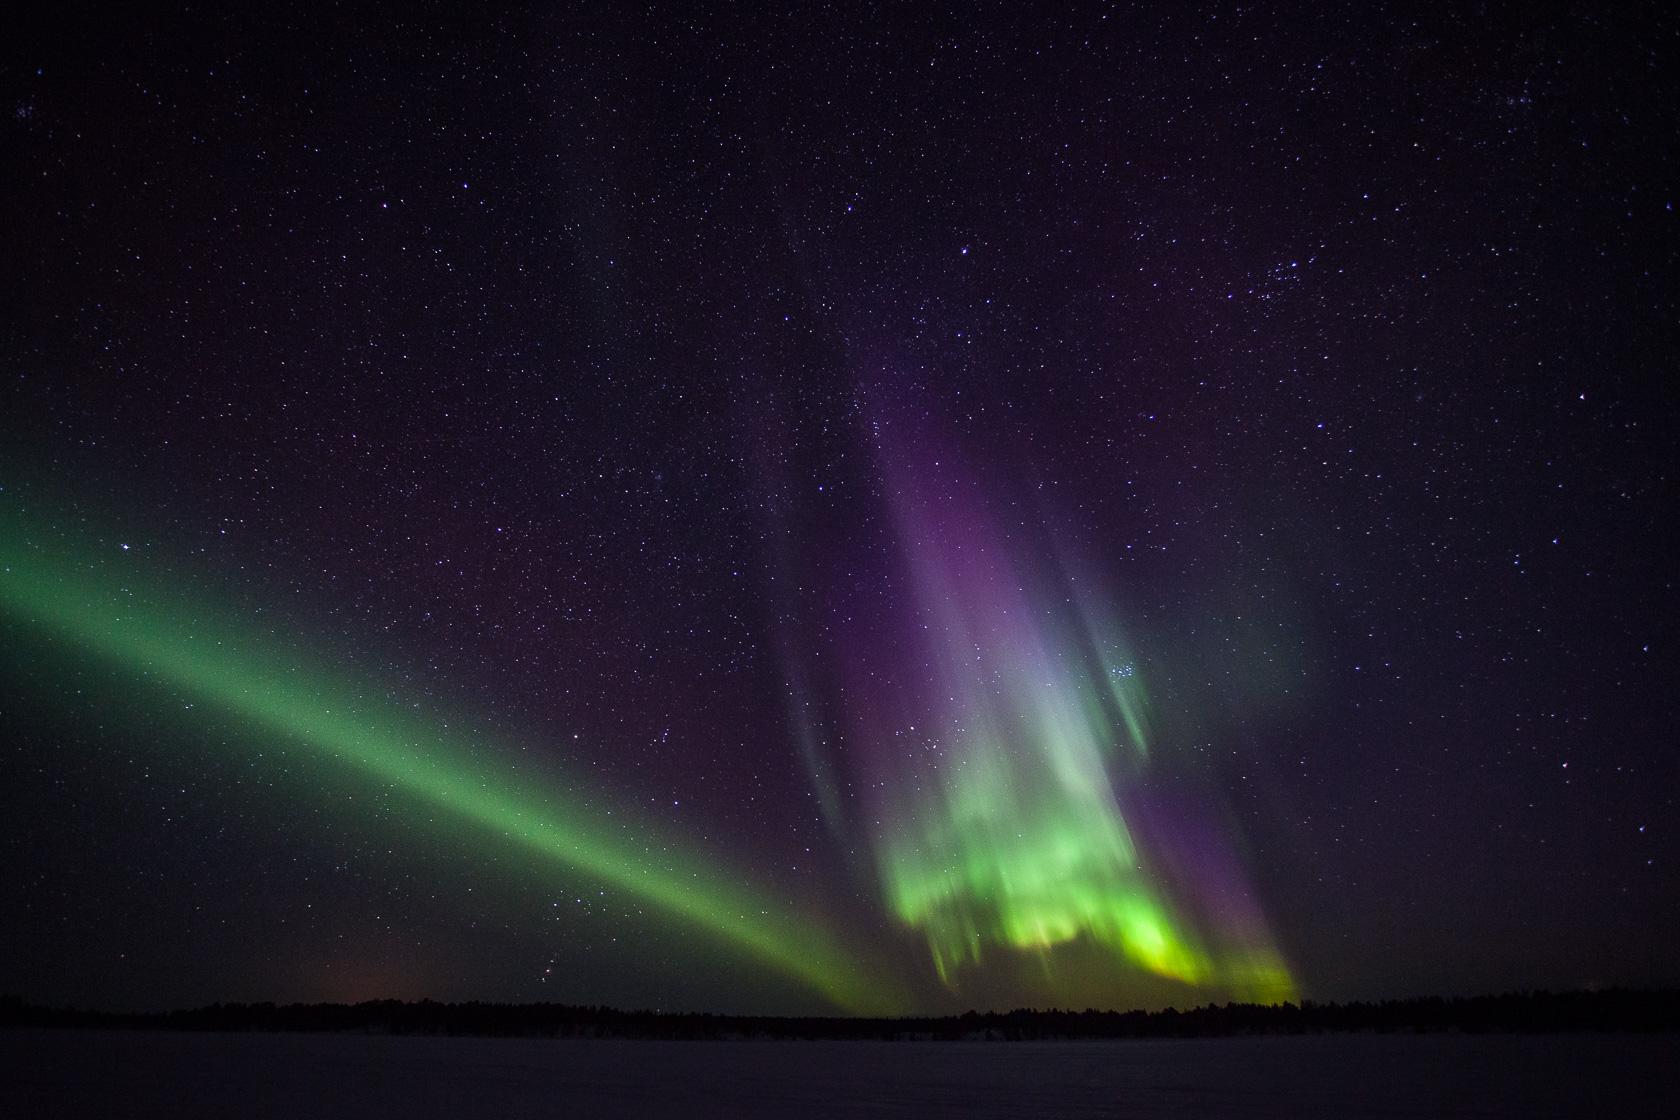 aurore boréale multicolore au dessus d'un lac gelé en Suède, à la frontière avec la Norvège